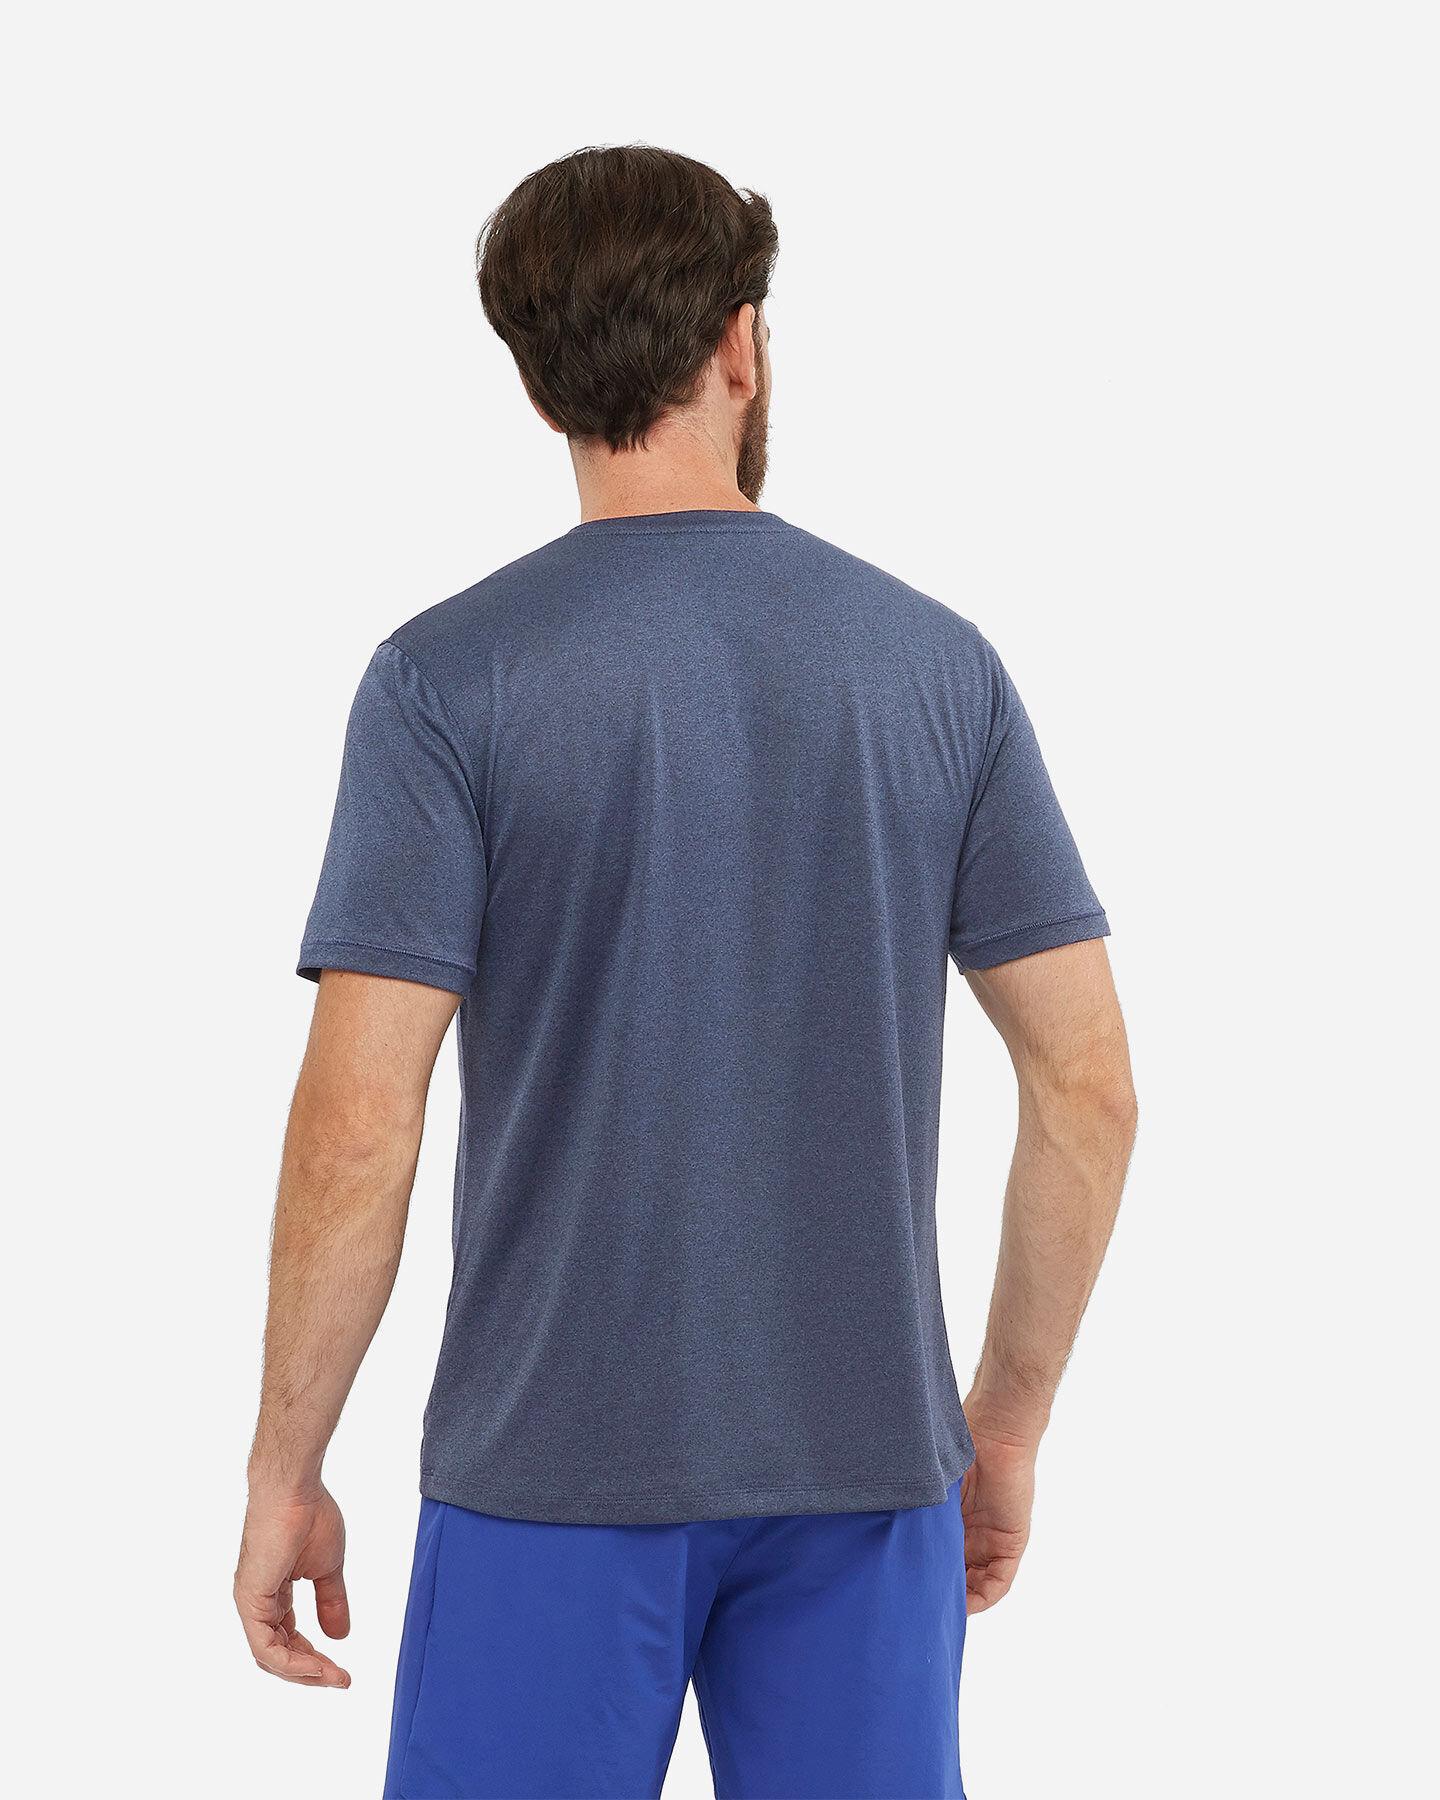 T-Shirt SALOMON EXPLORE M S5288514 scatto 2